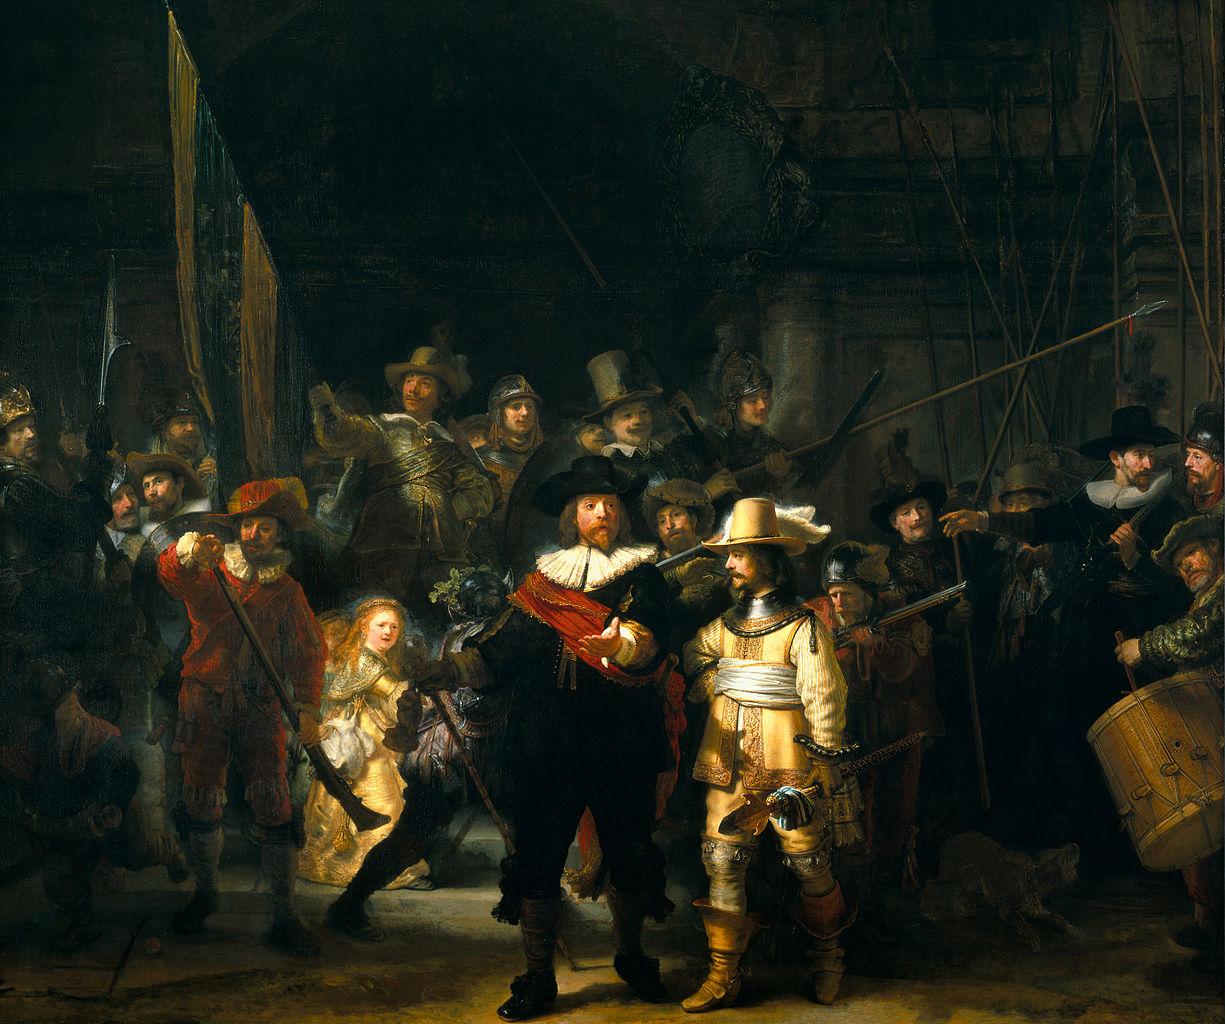 Rembrandt De Nachtwacht Топ 7.  Самые невероятные ошибки в известных произведениях искусства, которые Вы просто не могли не заметить